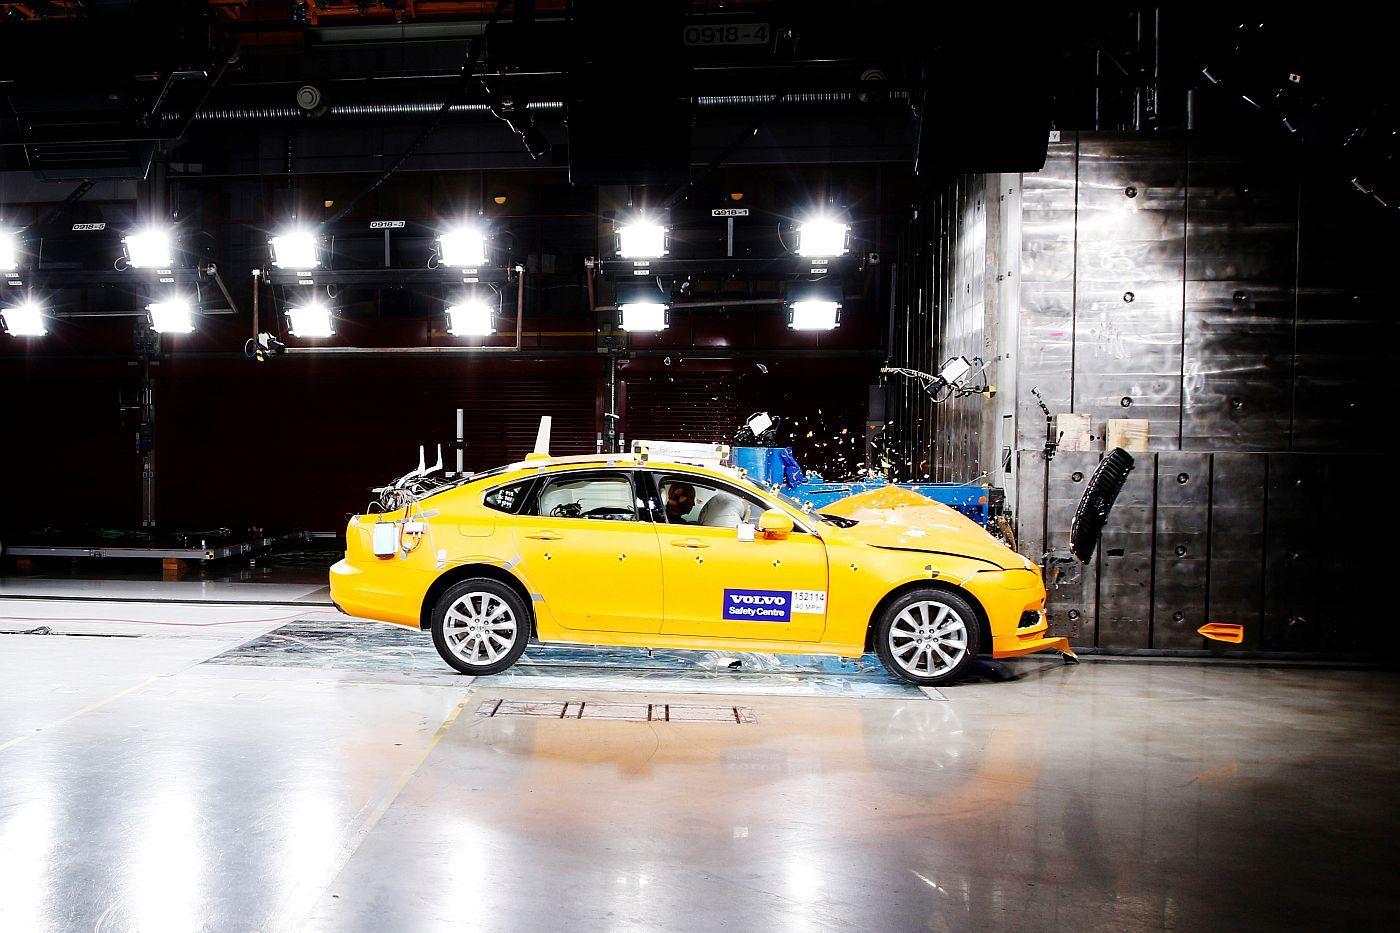 Volvo slavi 20 godina djelovanja centra za sigurnost